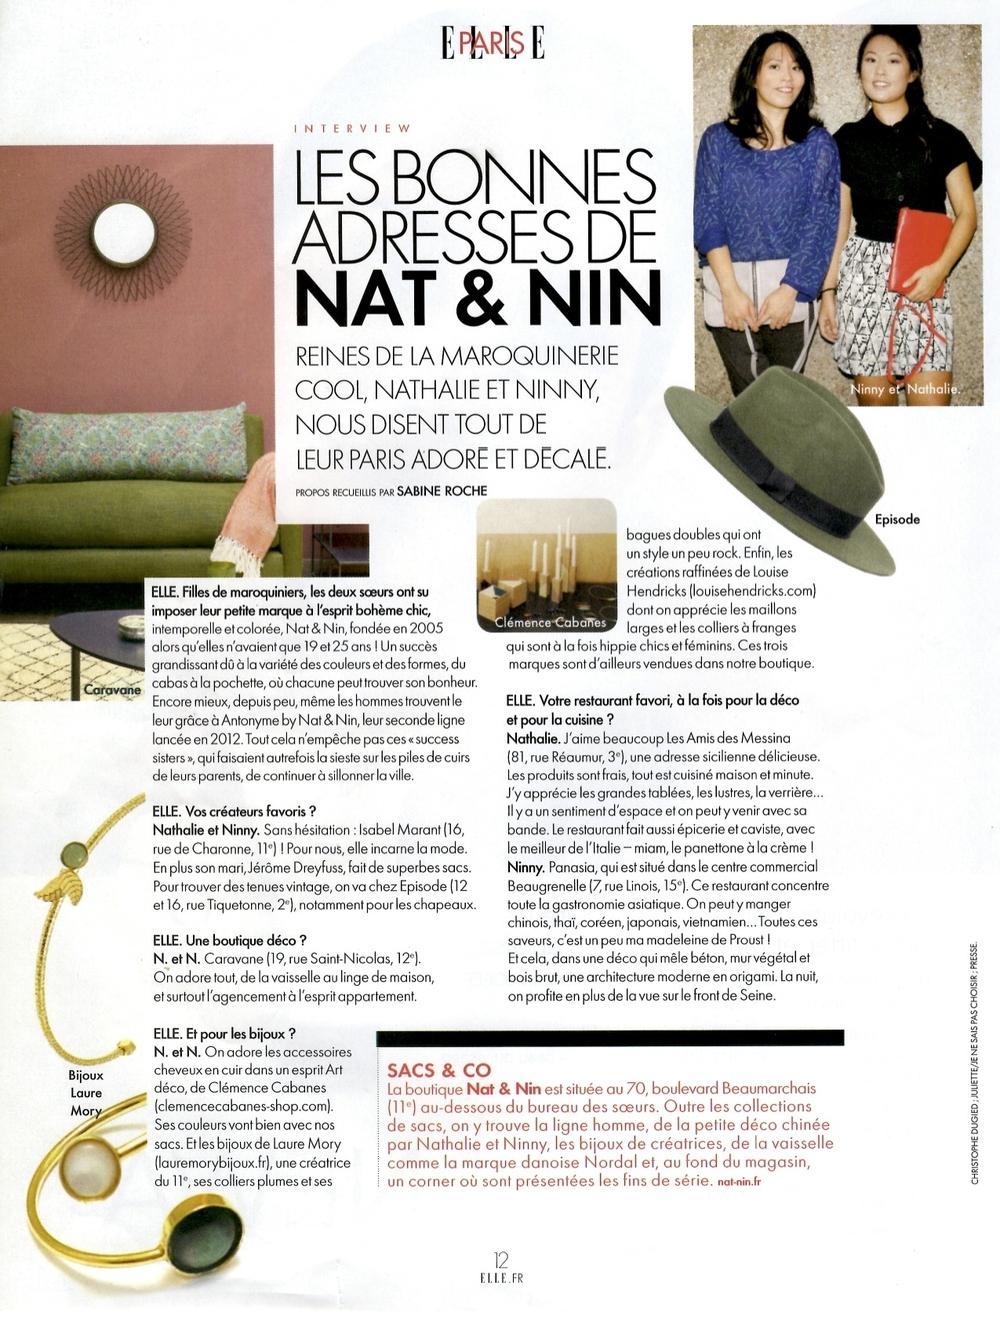 ELLE article pg 1.jpg